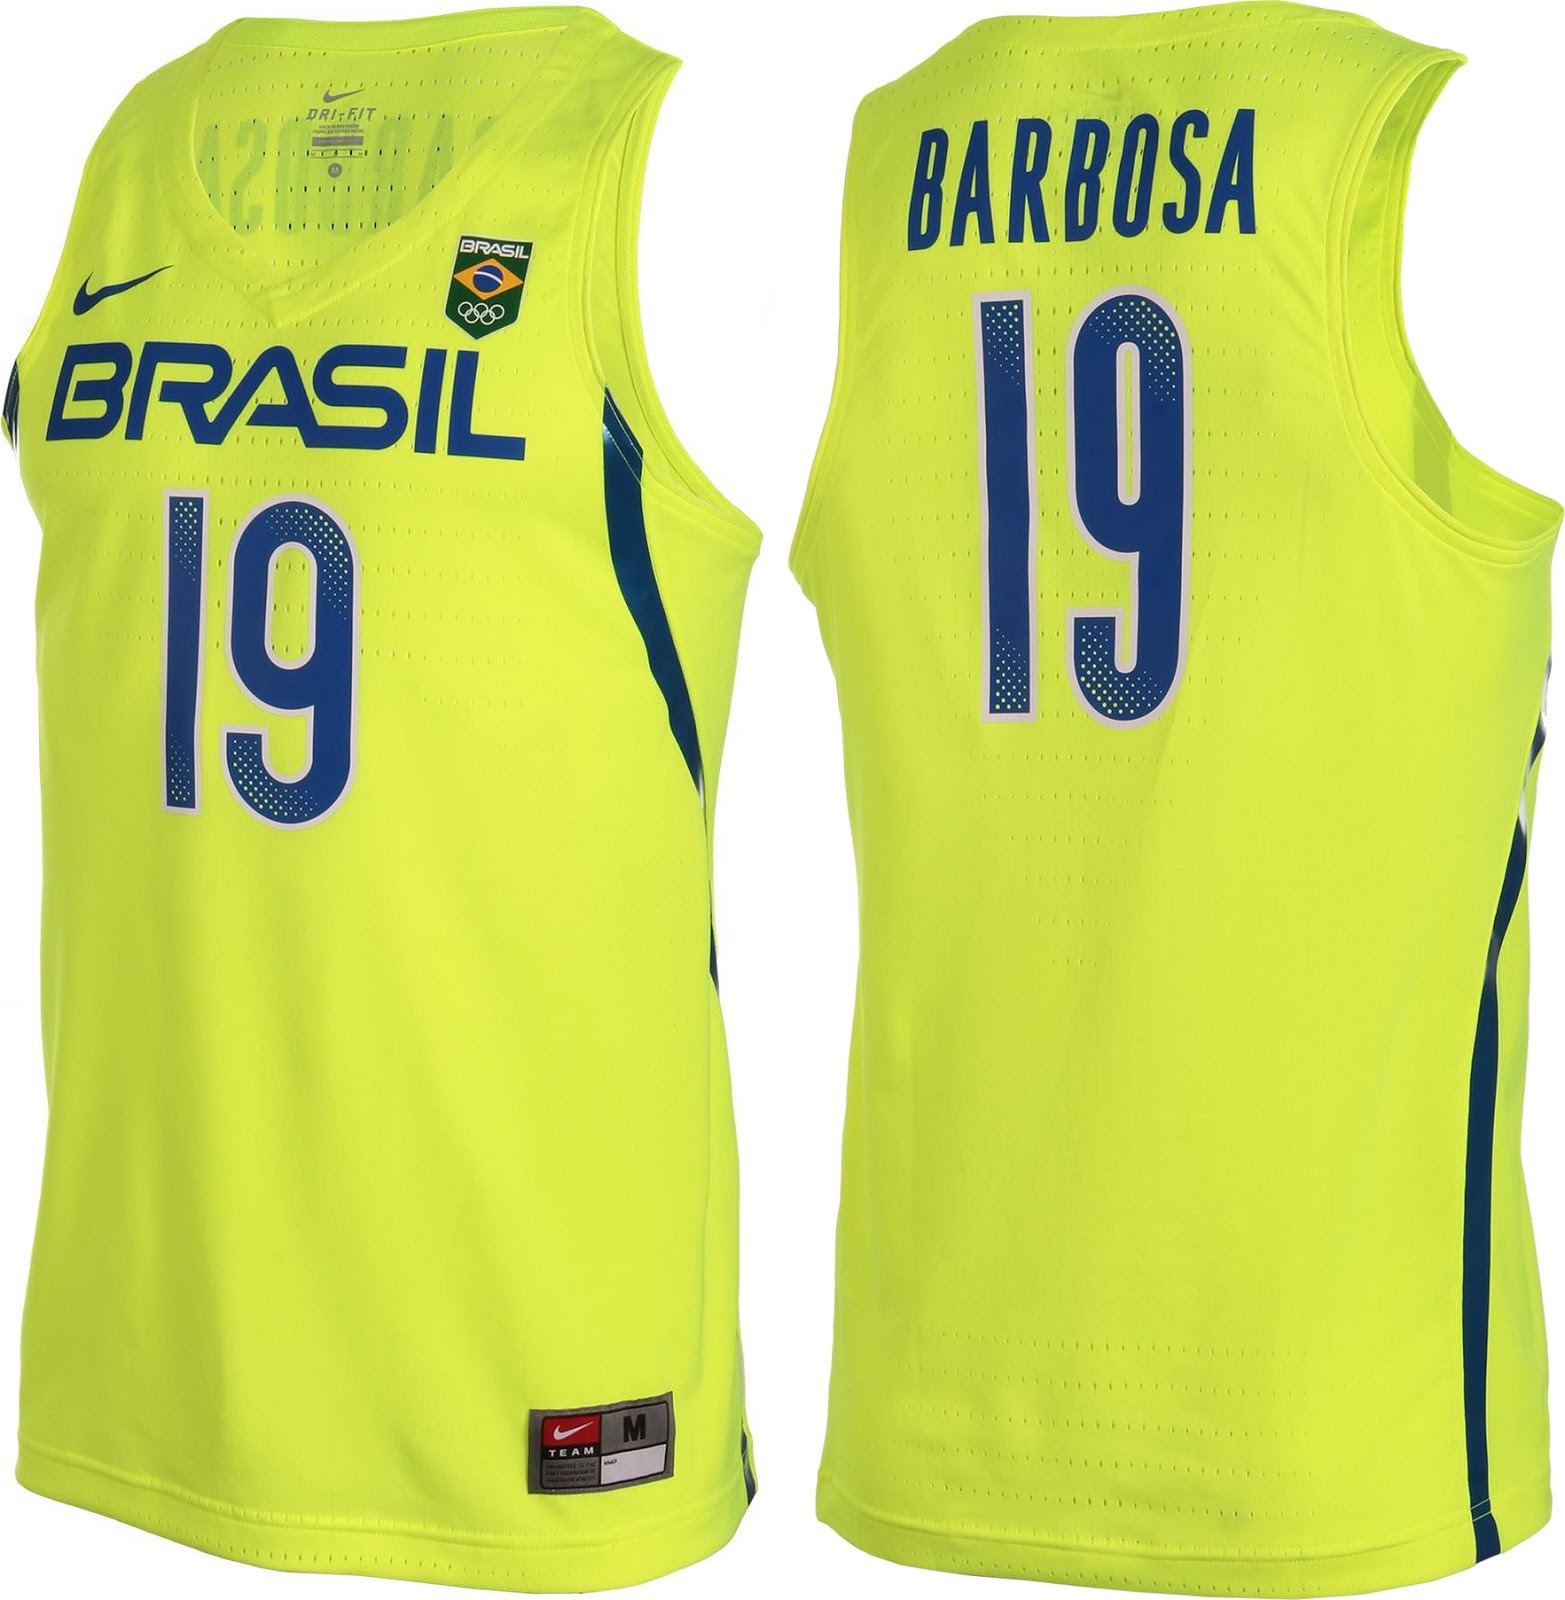 0a03e8aa56a63 A Nike divulgou os uniformes de basquete que o Brasil ( Time Brasil )  utilizará nos Jogos Olímpicos do Rio de Janeiro 2016. A camisa titular será  amarelo ...